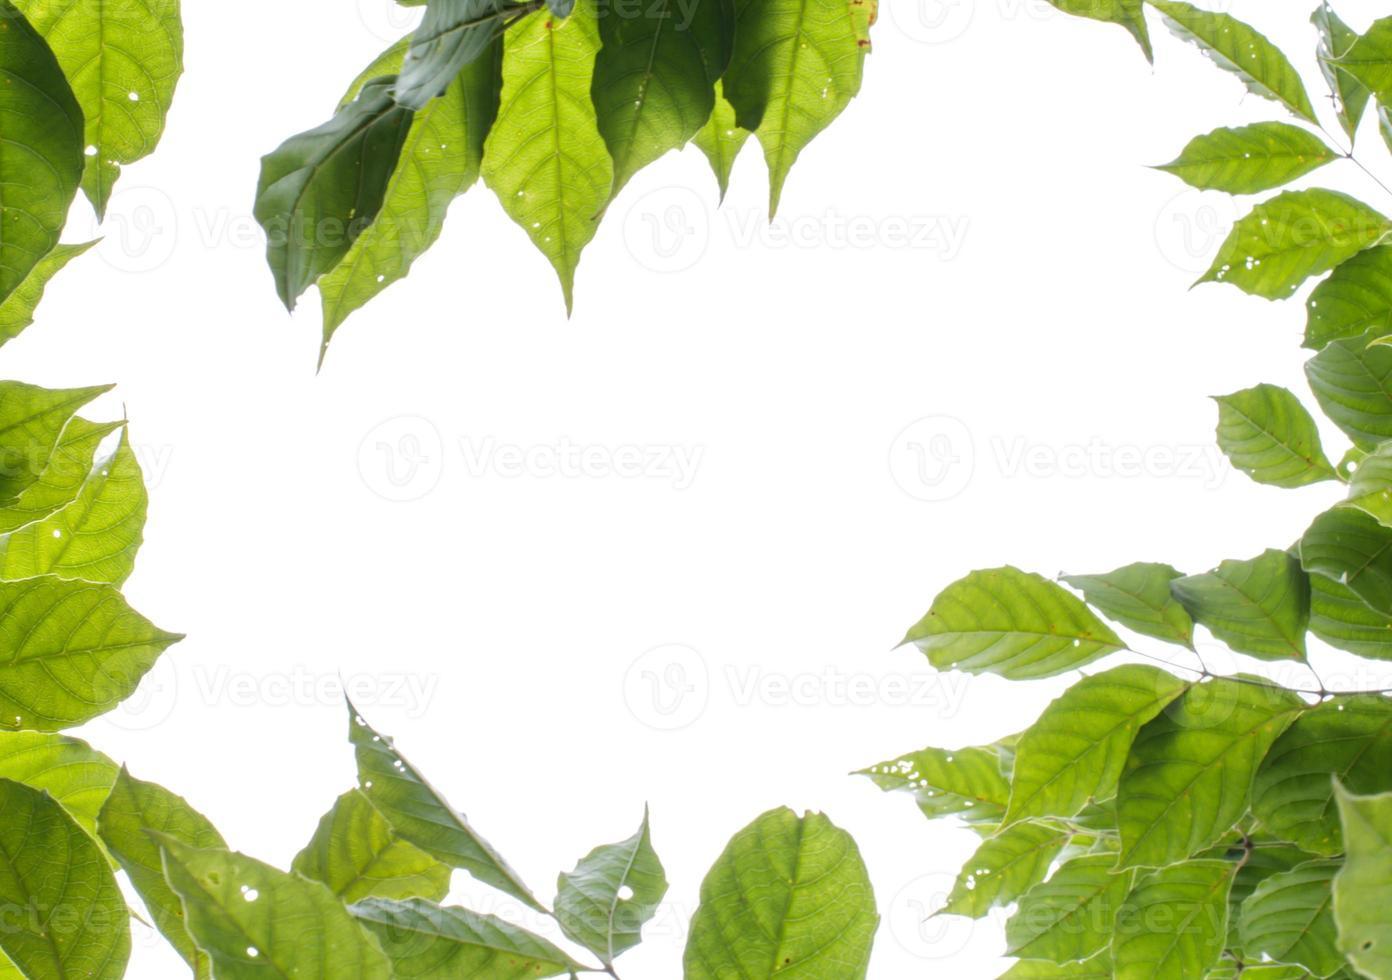 Marco de hojas verdes sobre fondo blanco. foto